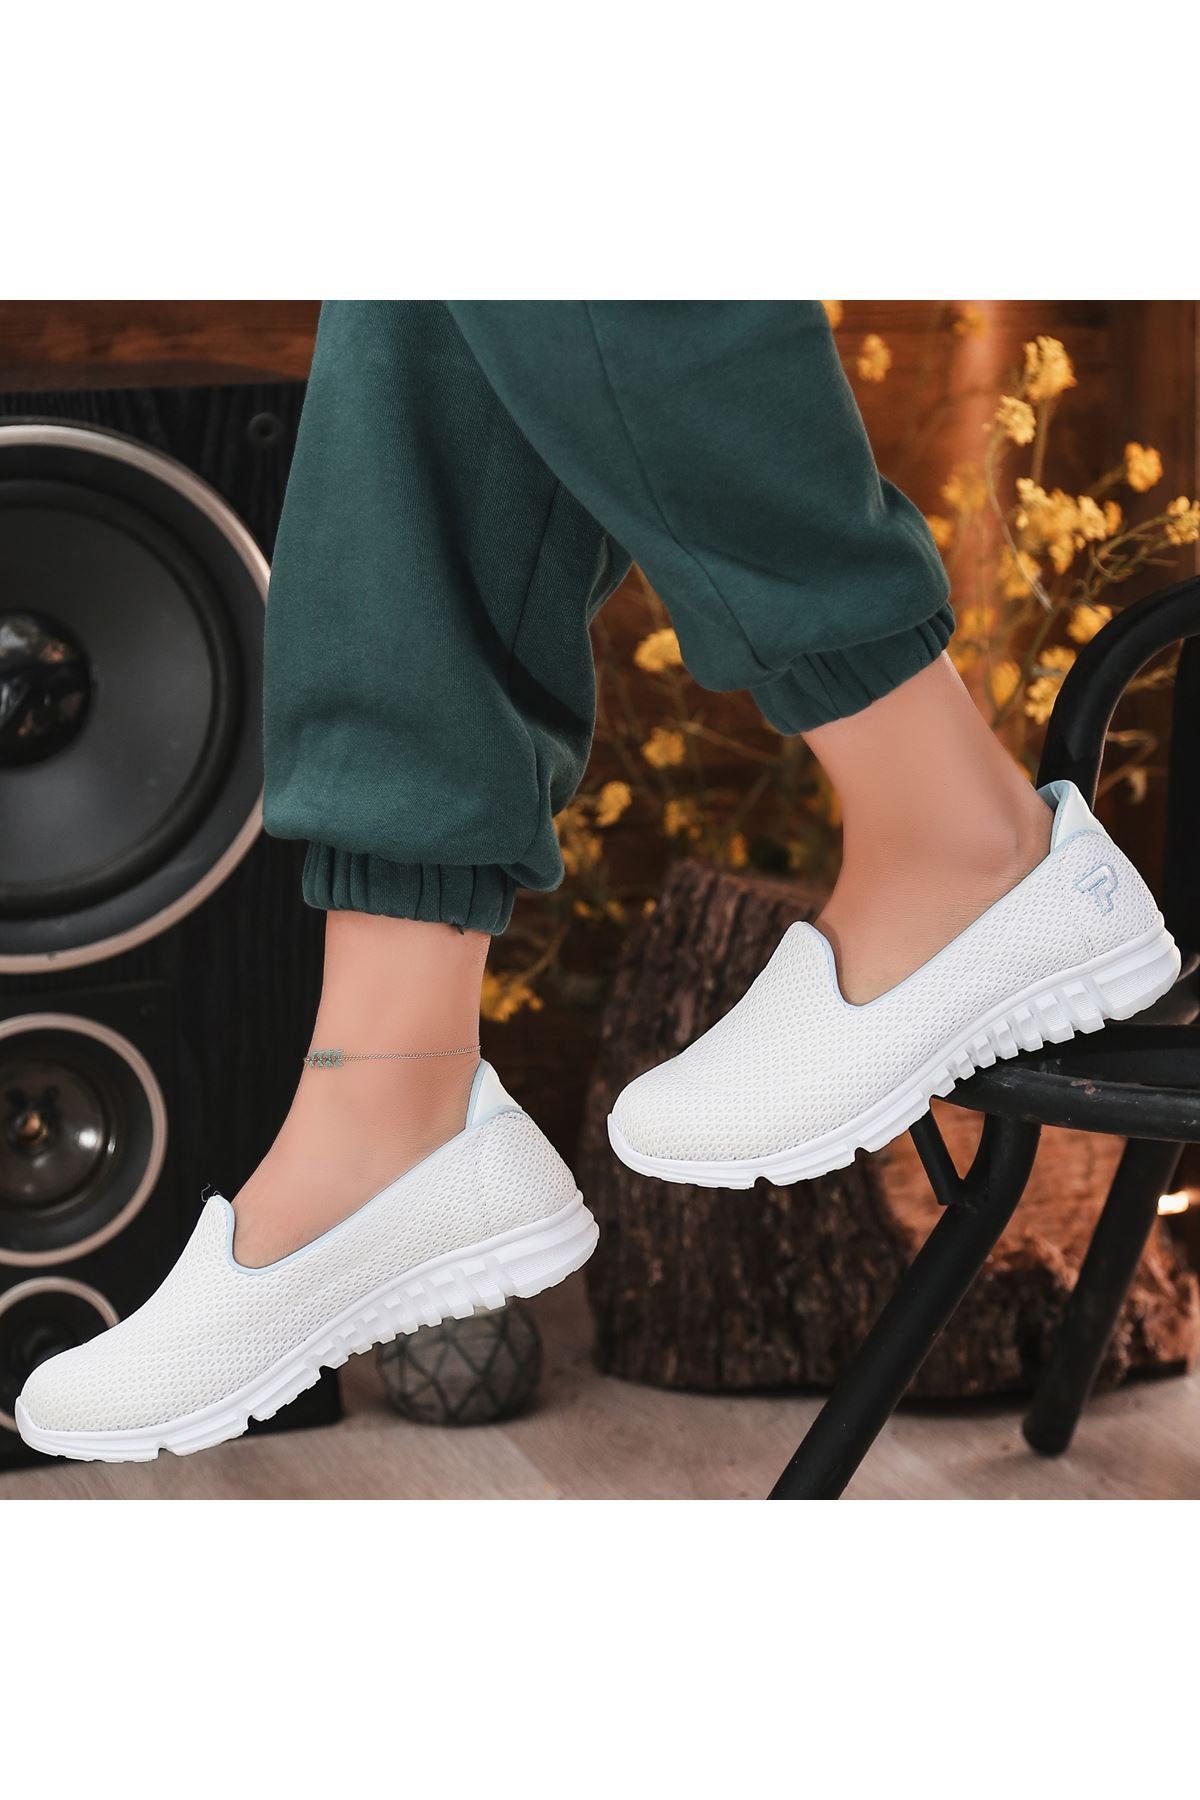 Wian Beyaz Streç Spor Ayakkabı